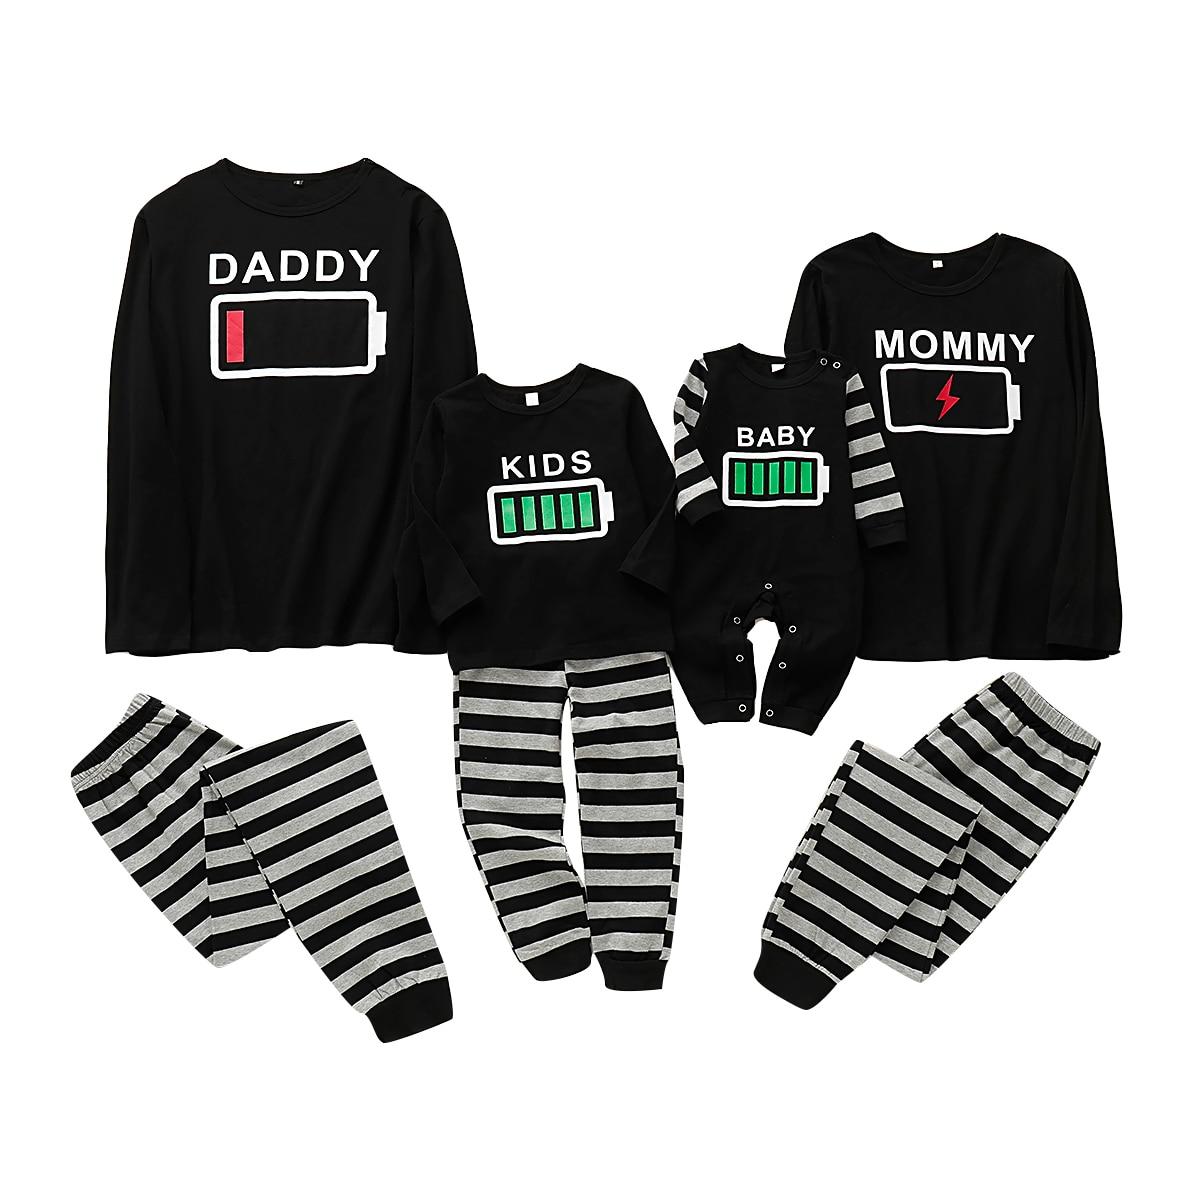 Puseky rodzinny zestaw piżam bateria drukuj bielizna nocna bielizna nocna ubrania mama i ja tata i ja ubrania wygląd rodziny